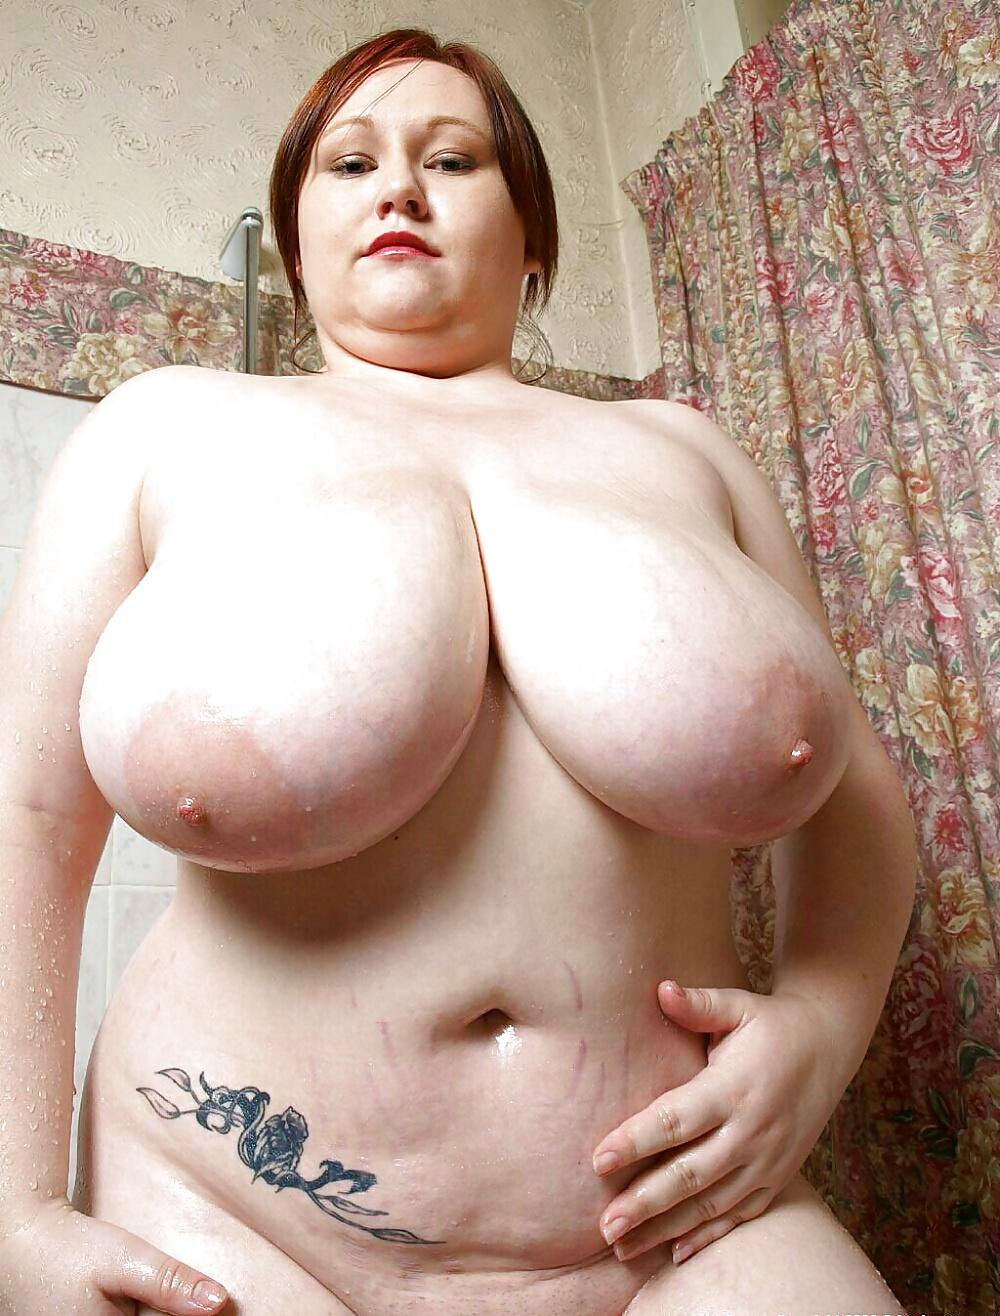 Reife Milf mit große Brüsten kostenlos molige frauen nackt - Bild 7